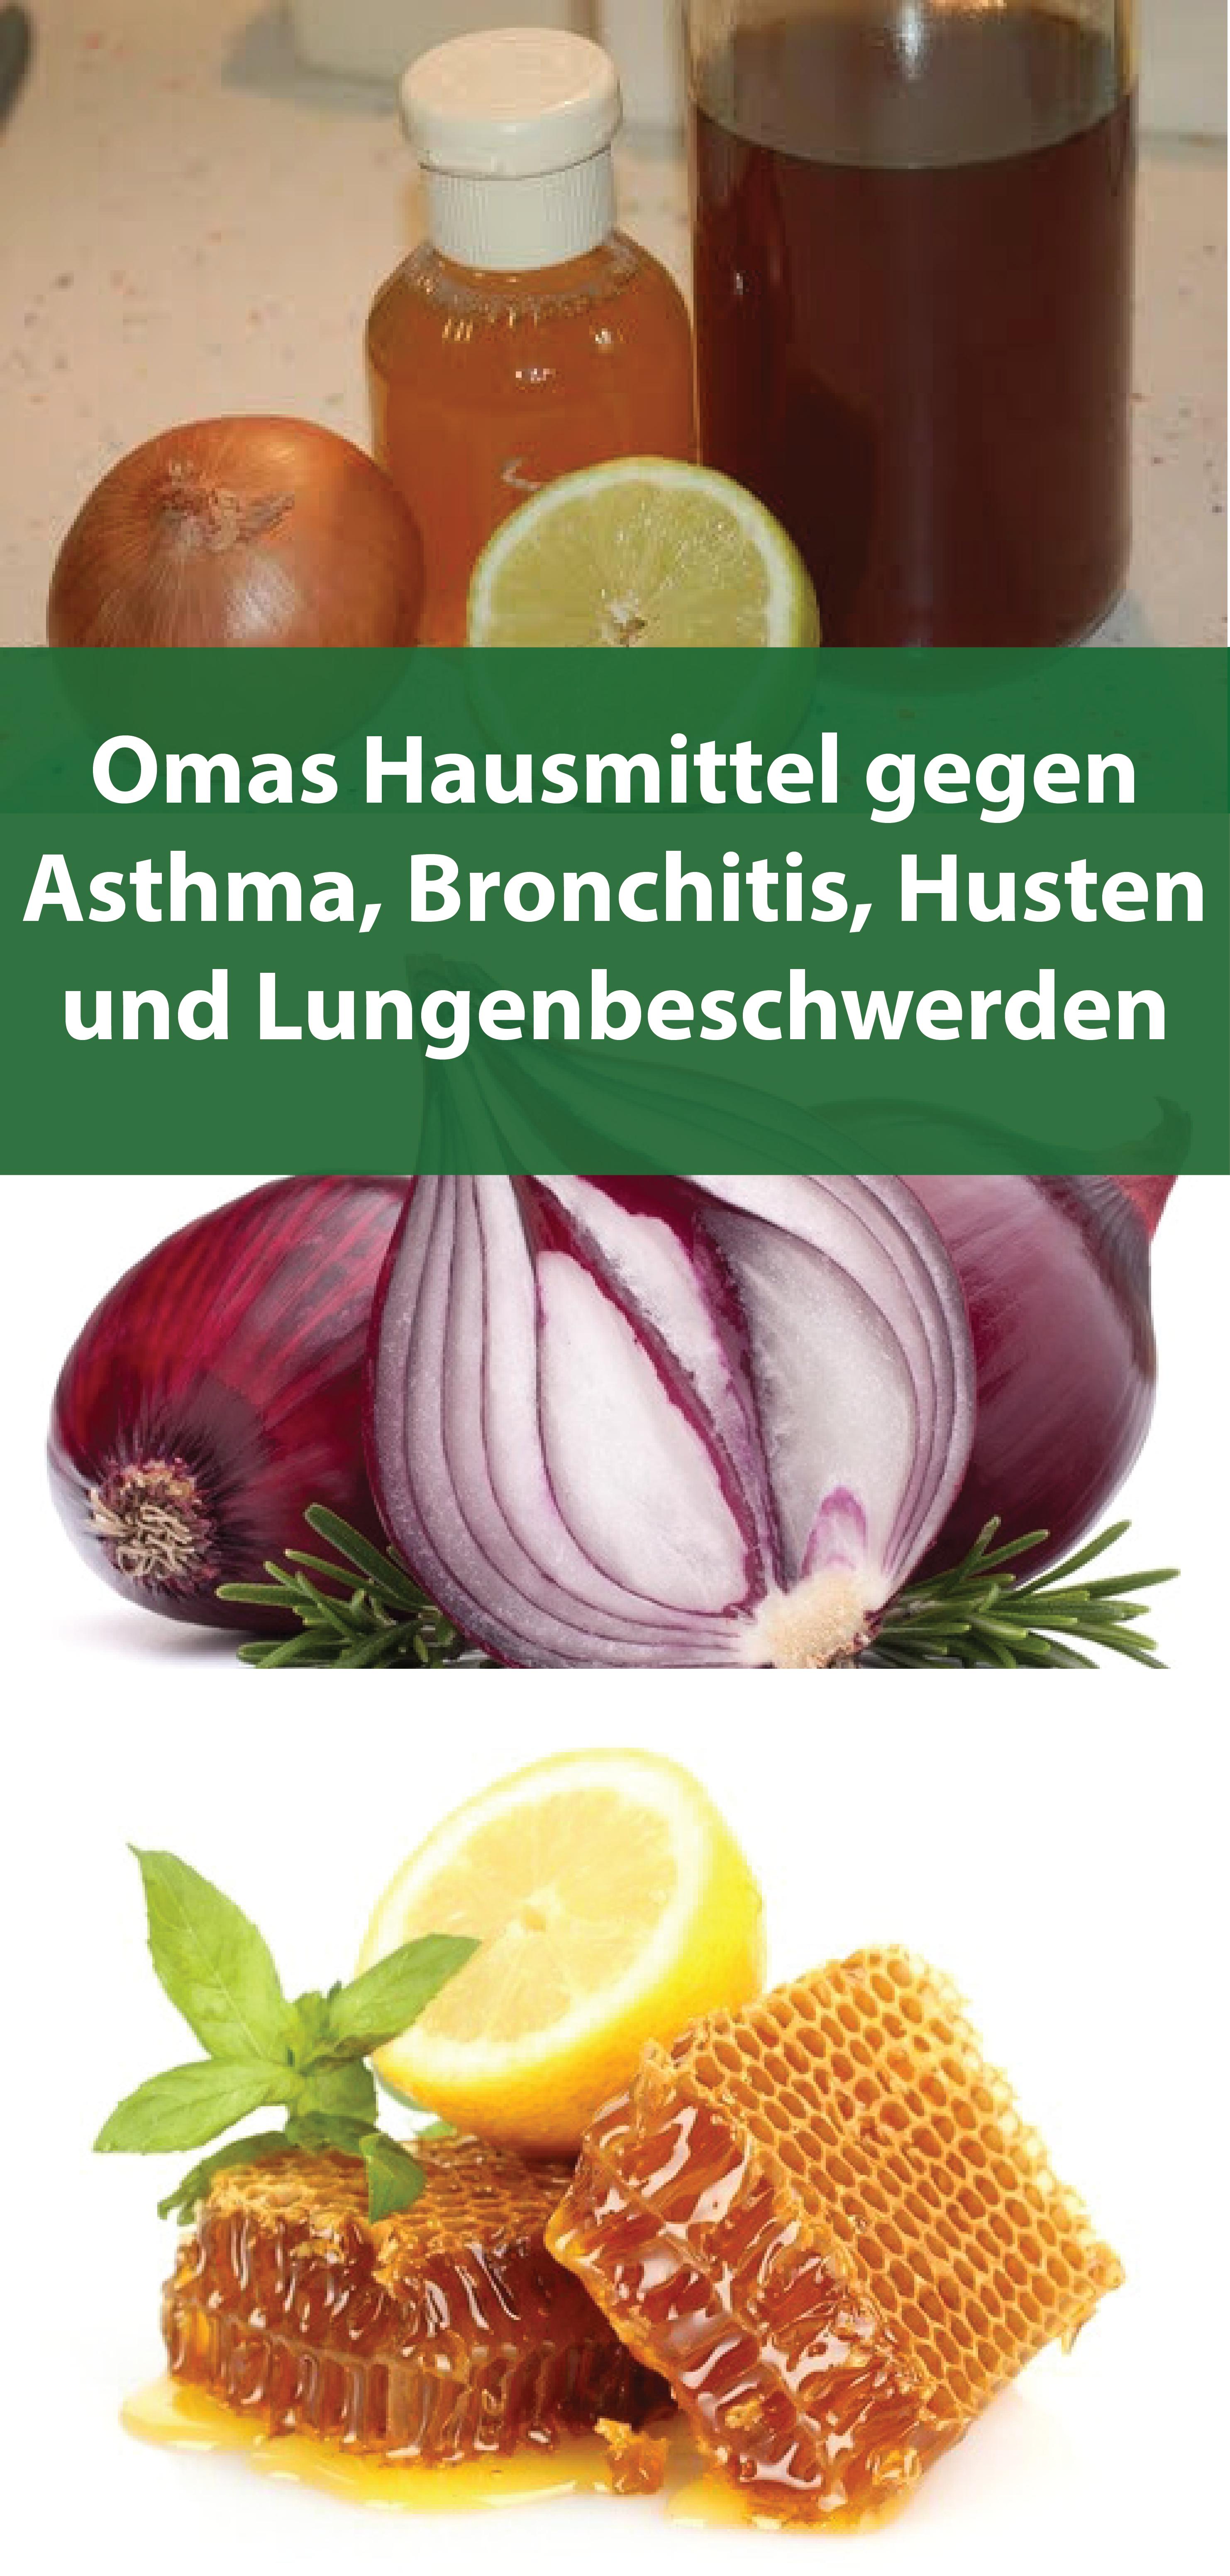 Omas Hausmittel gegen Asthma, Bronchitis, Husten und Lungenbeschwerden